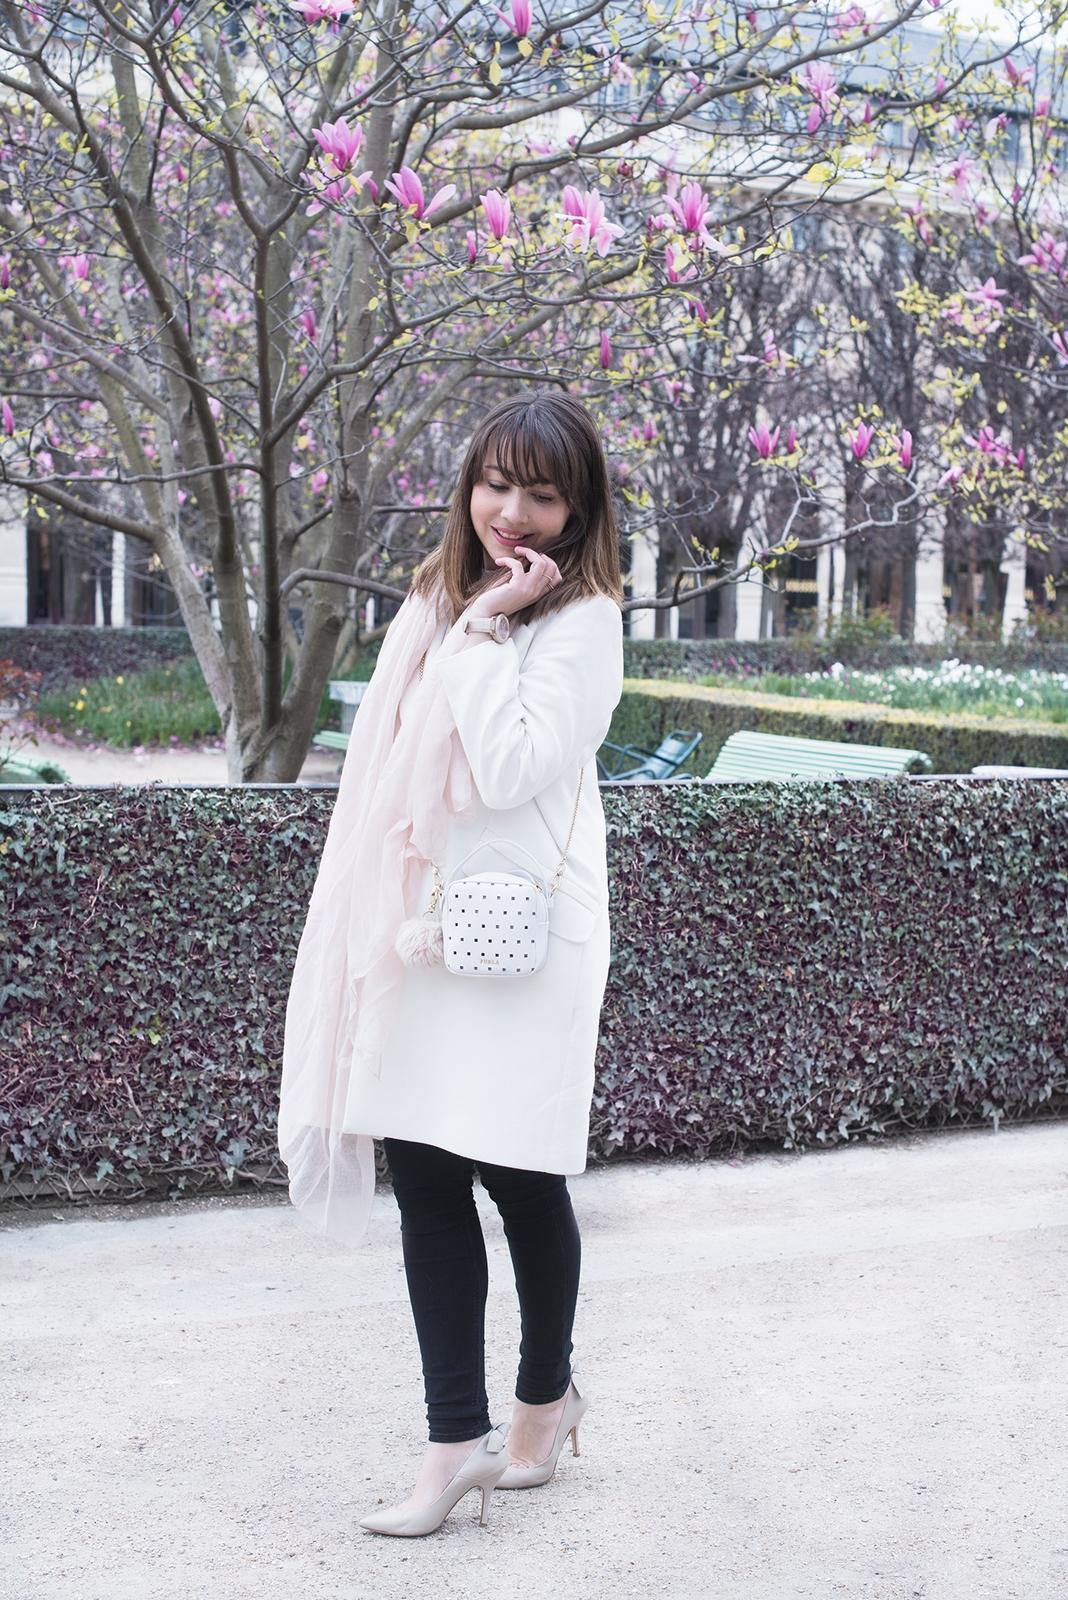 Blog mode femme Paris - Du style, Madame - streetstyle - manteau blanc